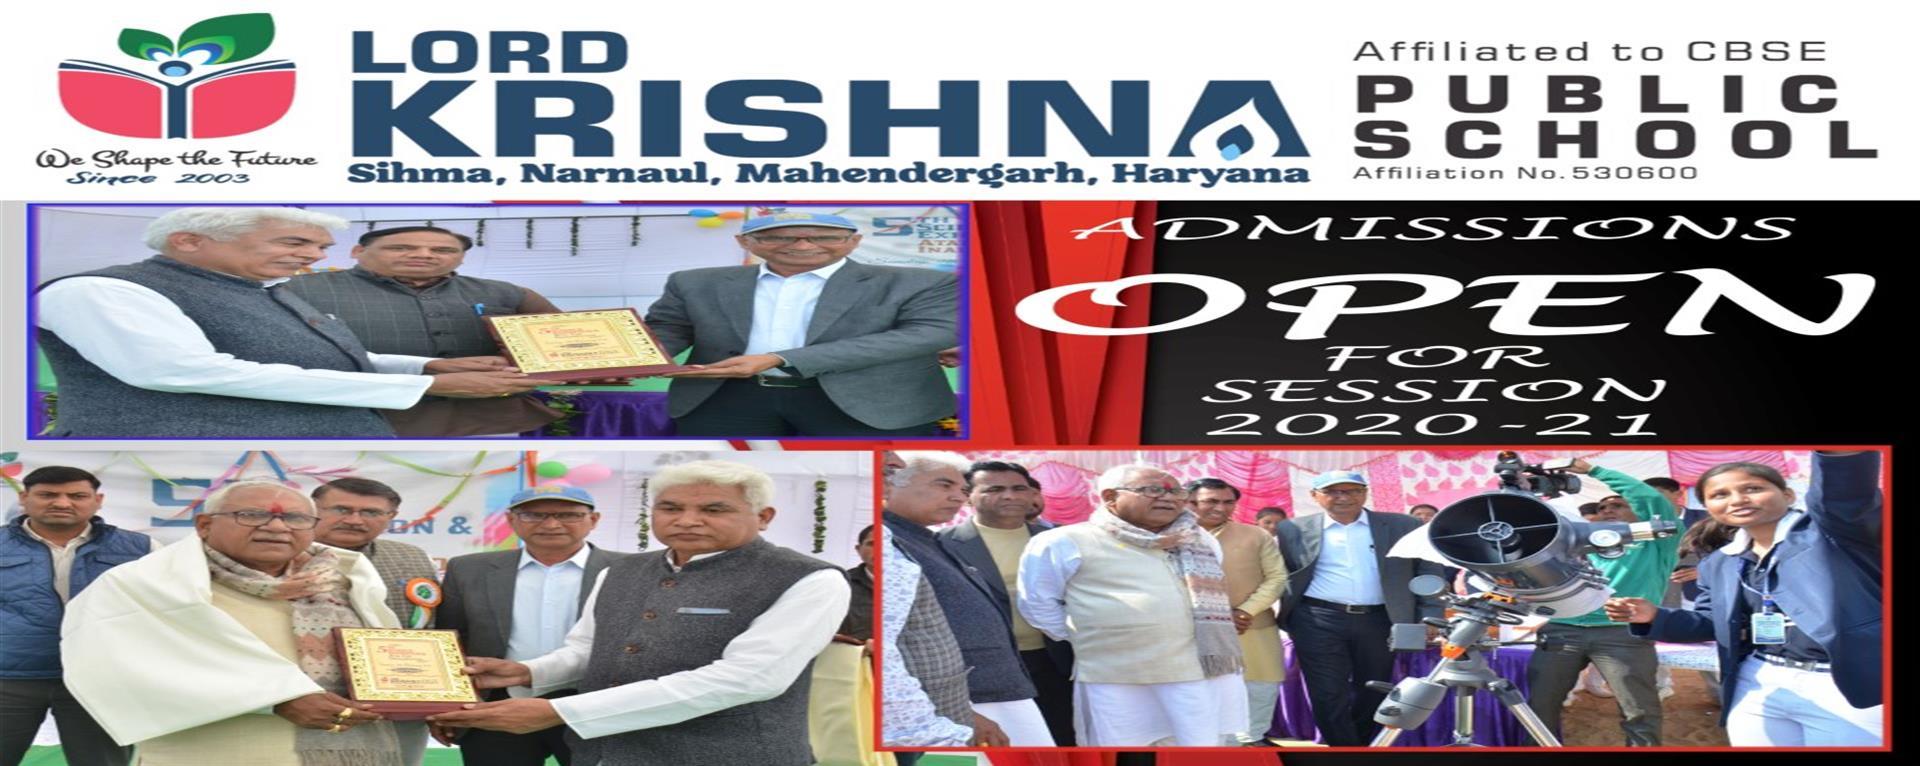 Lord krishna public school sihma